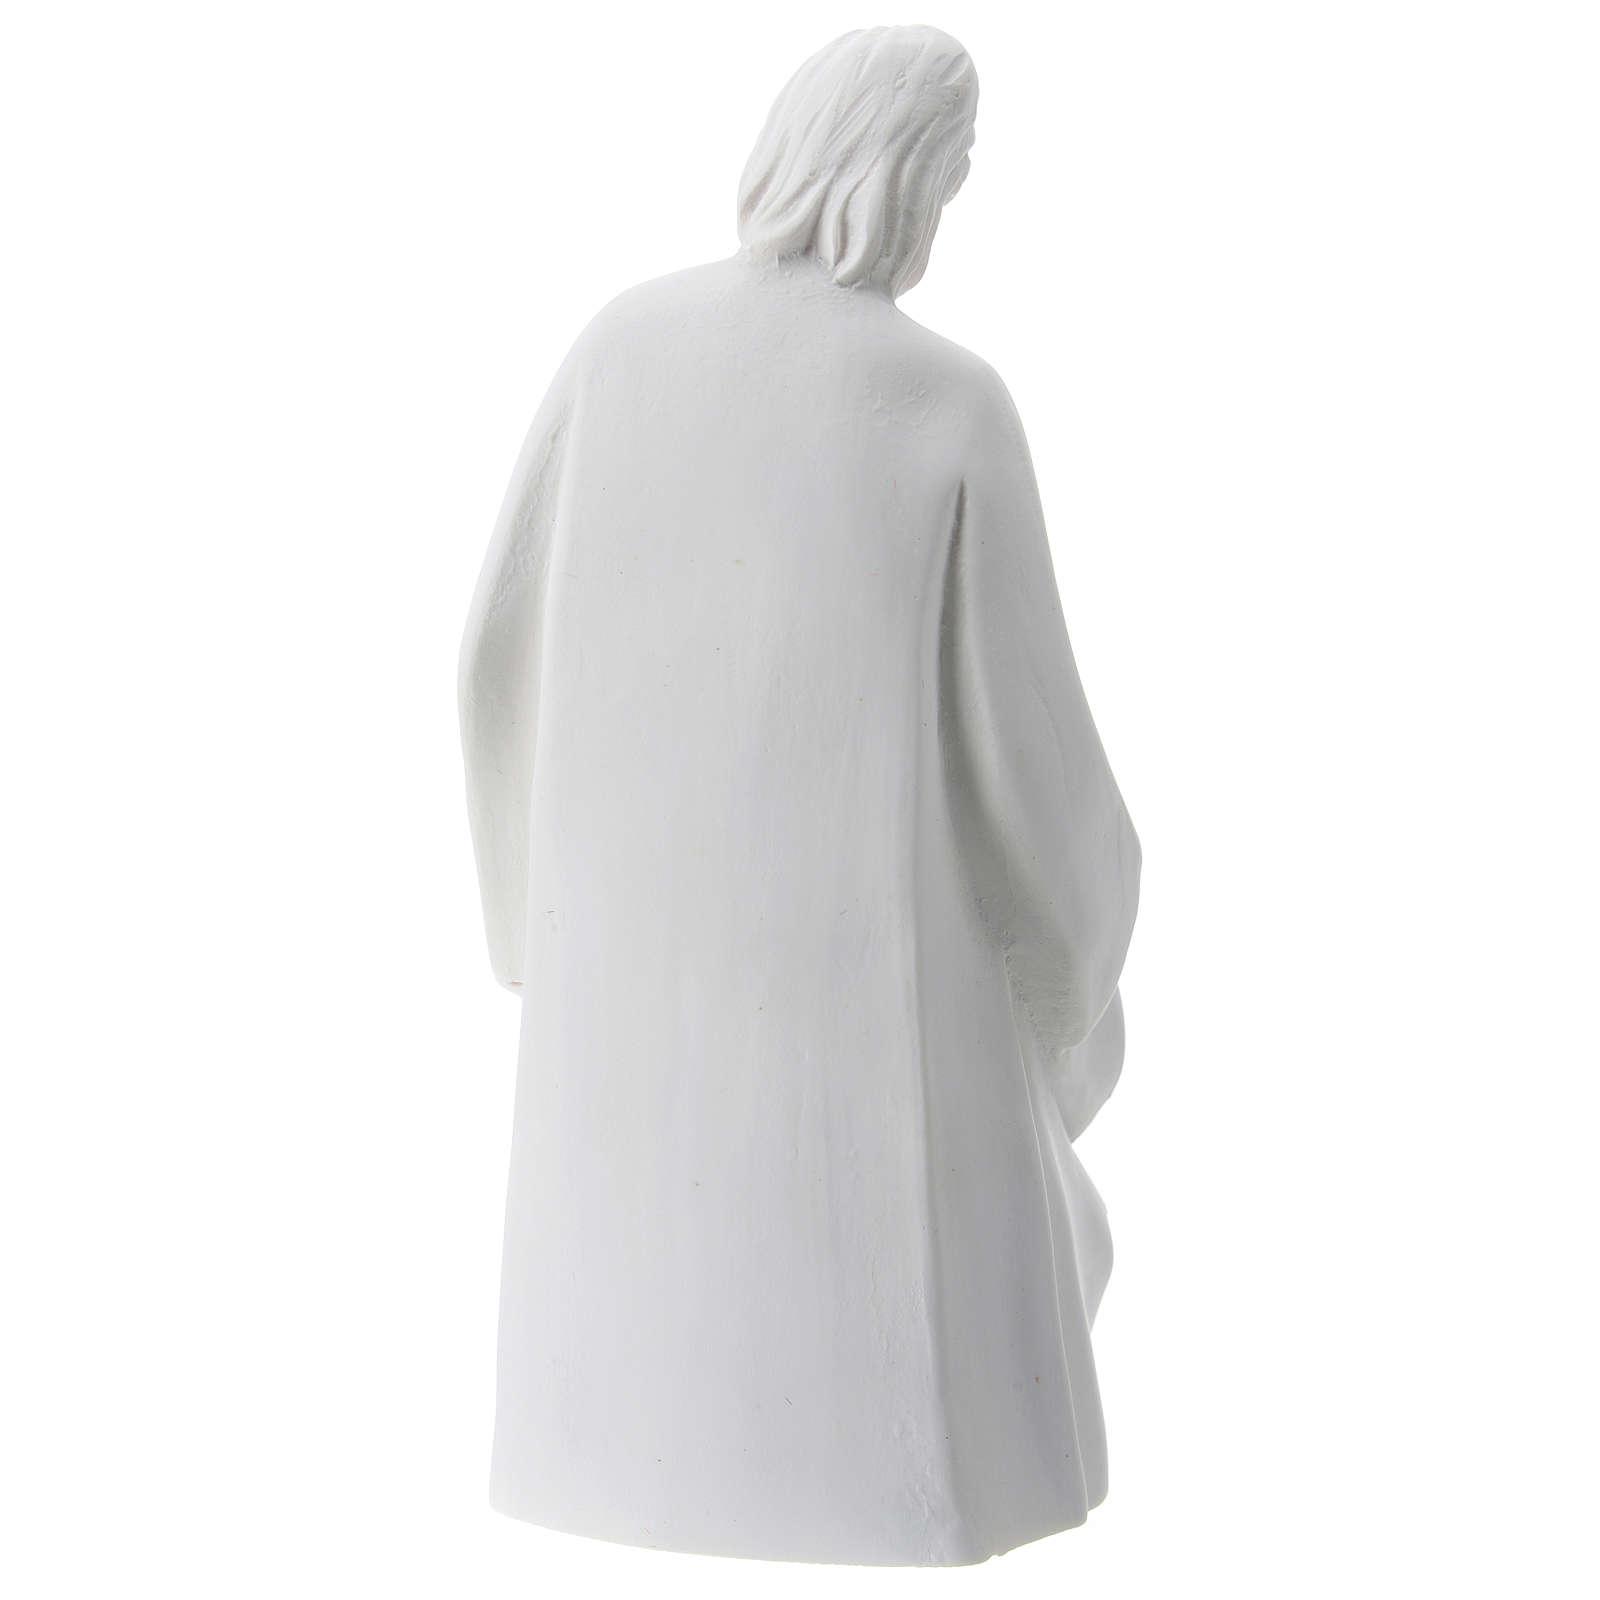 Composición Natividad resina blanca 10 cm 3